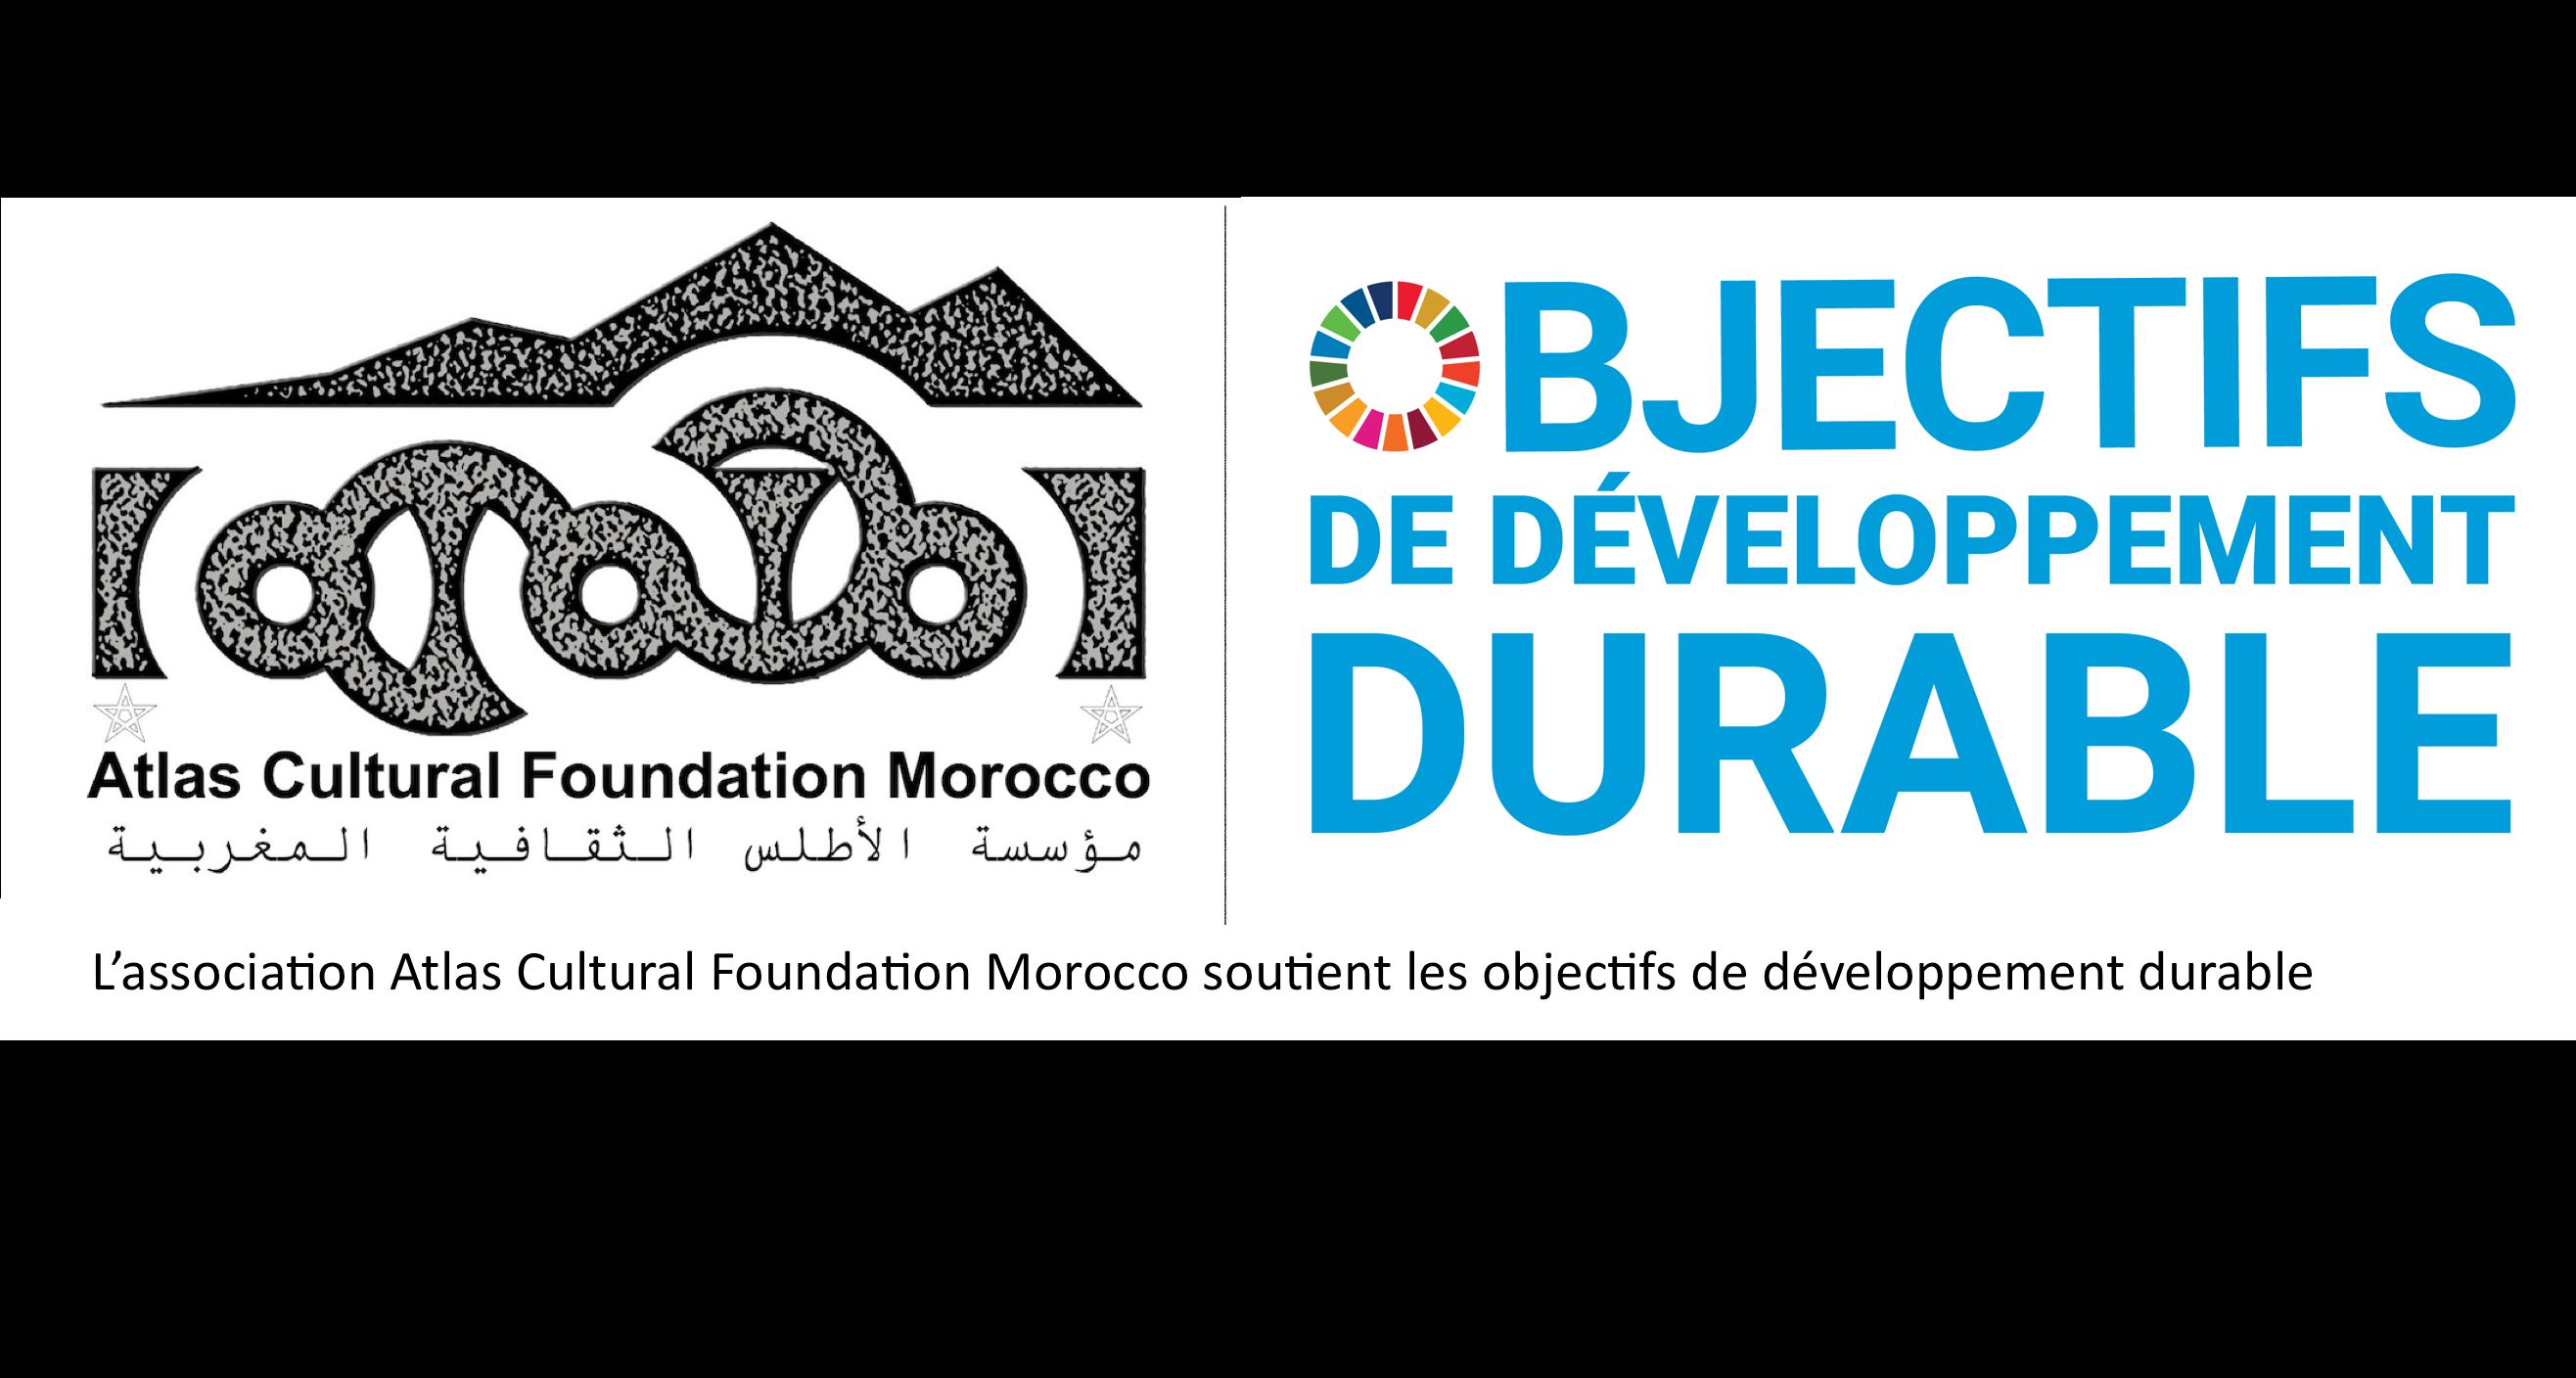 ACFM_SDG_logo